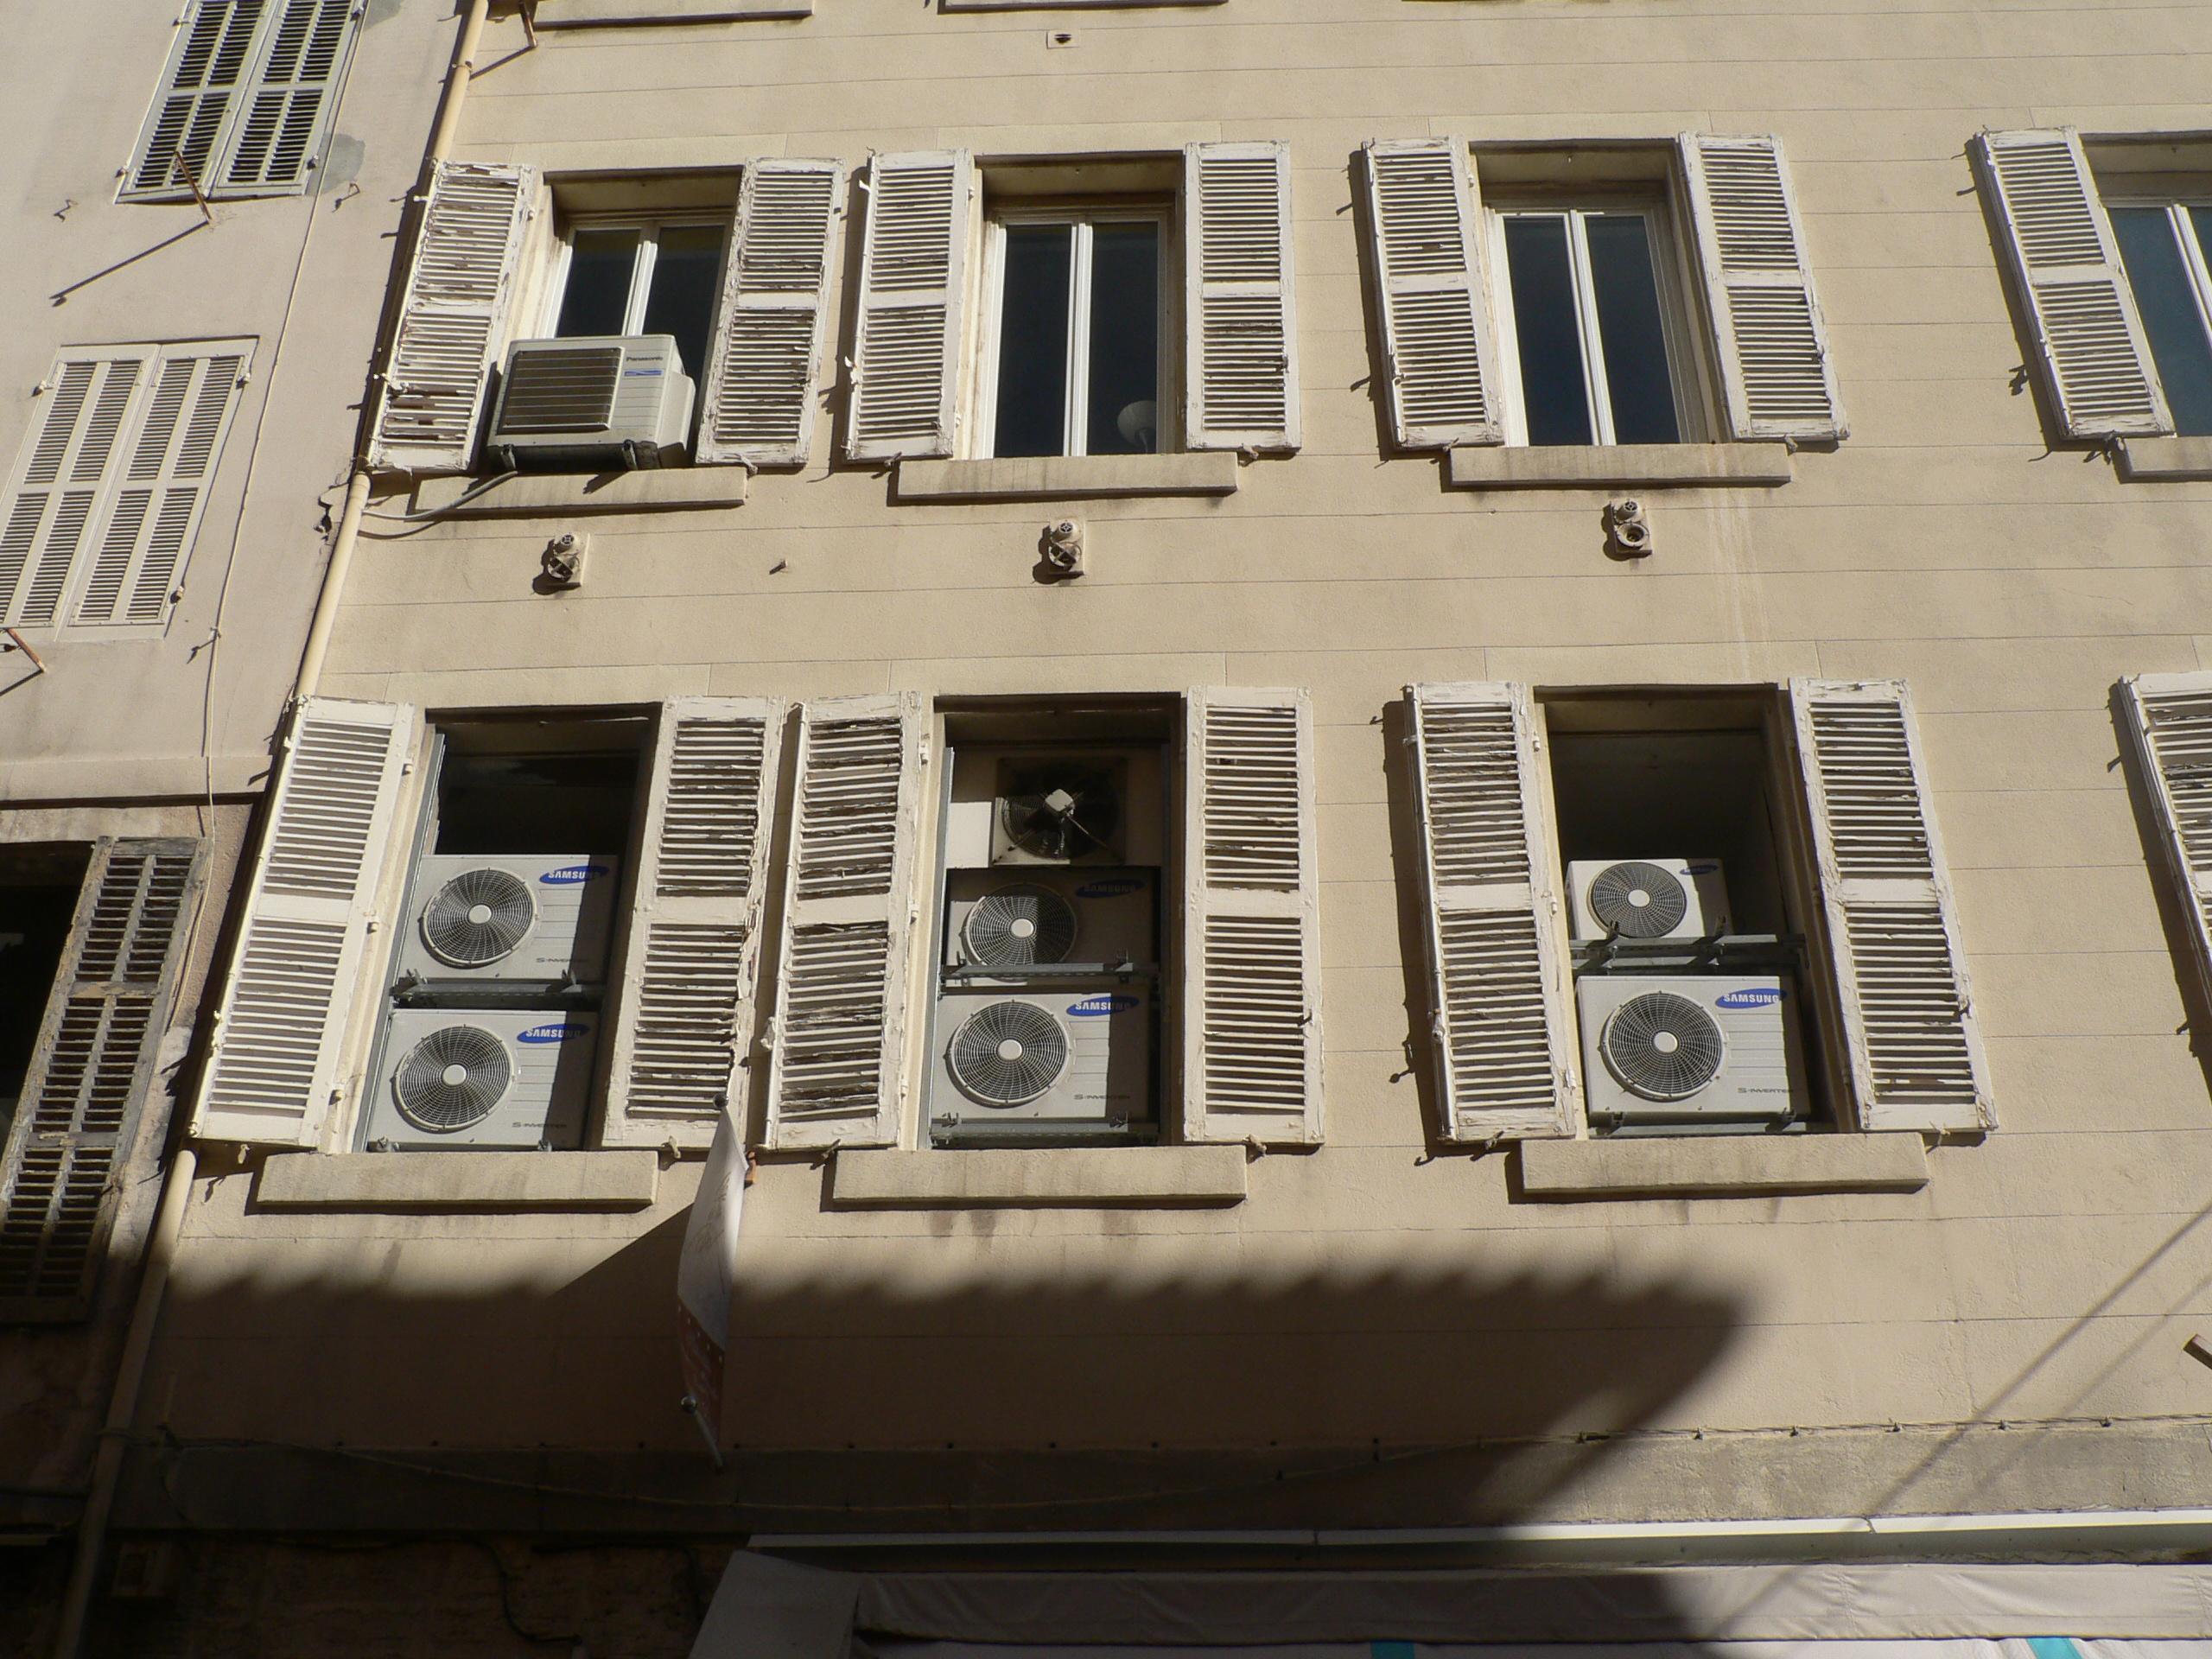 Climatiseurs aux fenêtres de Marseille.